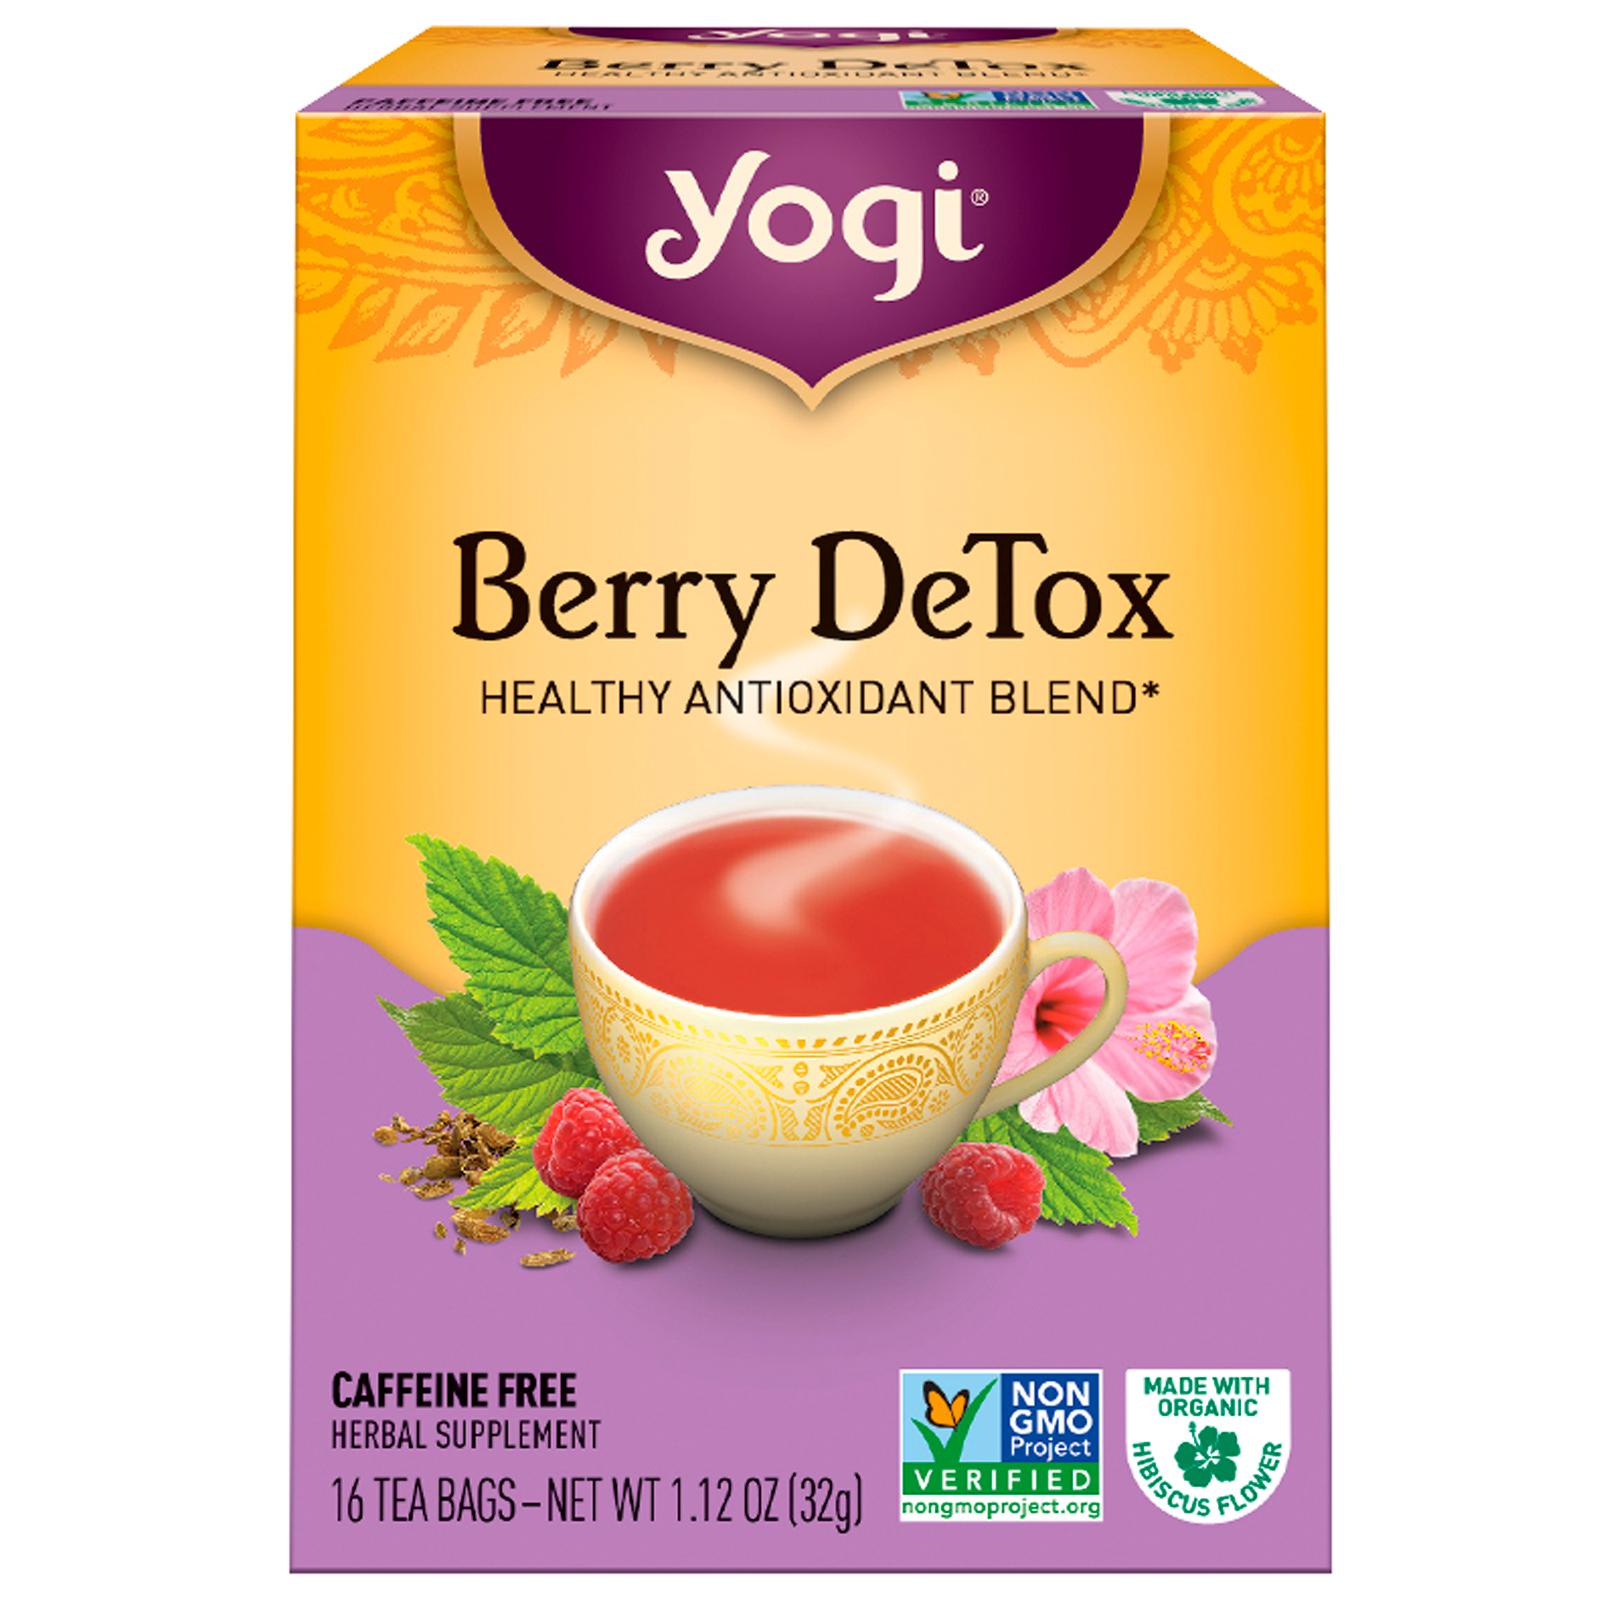 yogi tea berry detox caffeine free 16 tea bags 112 oz